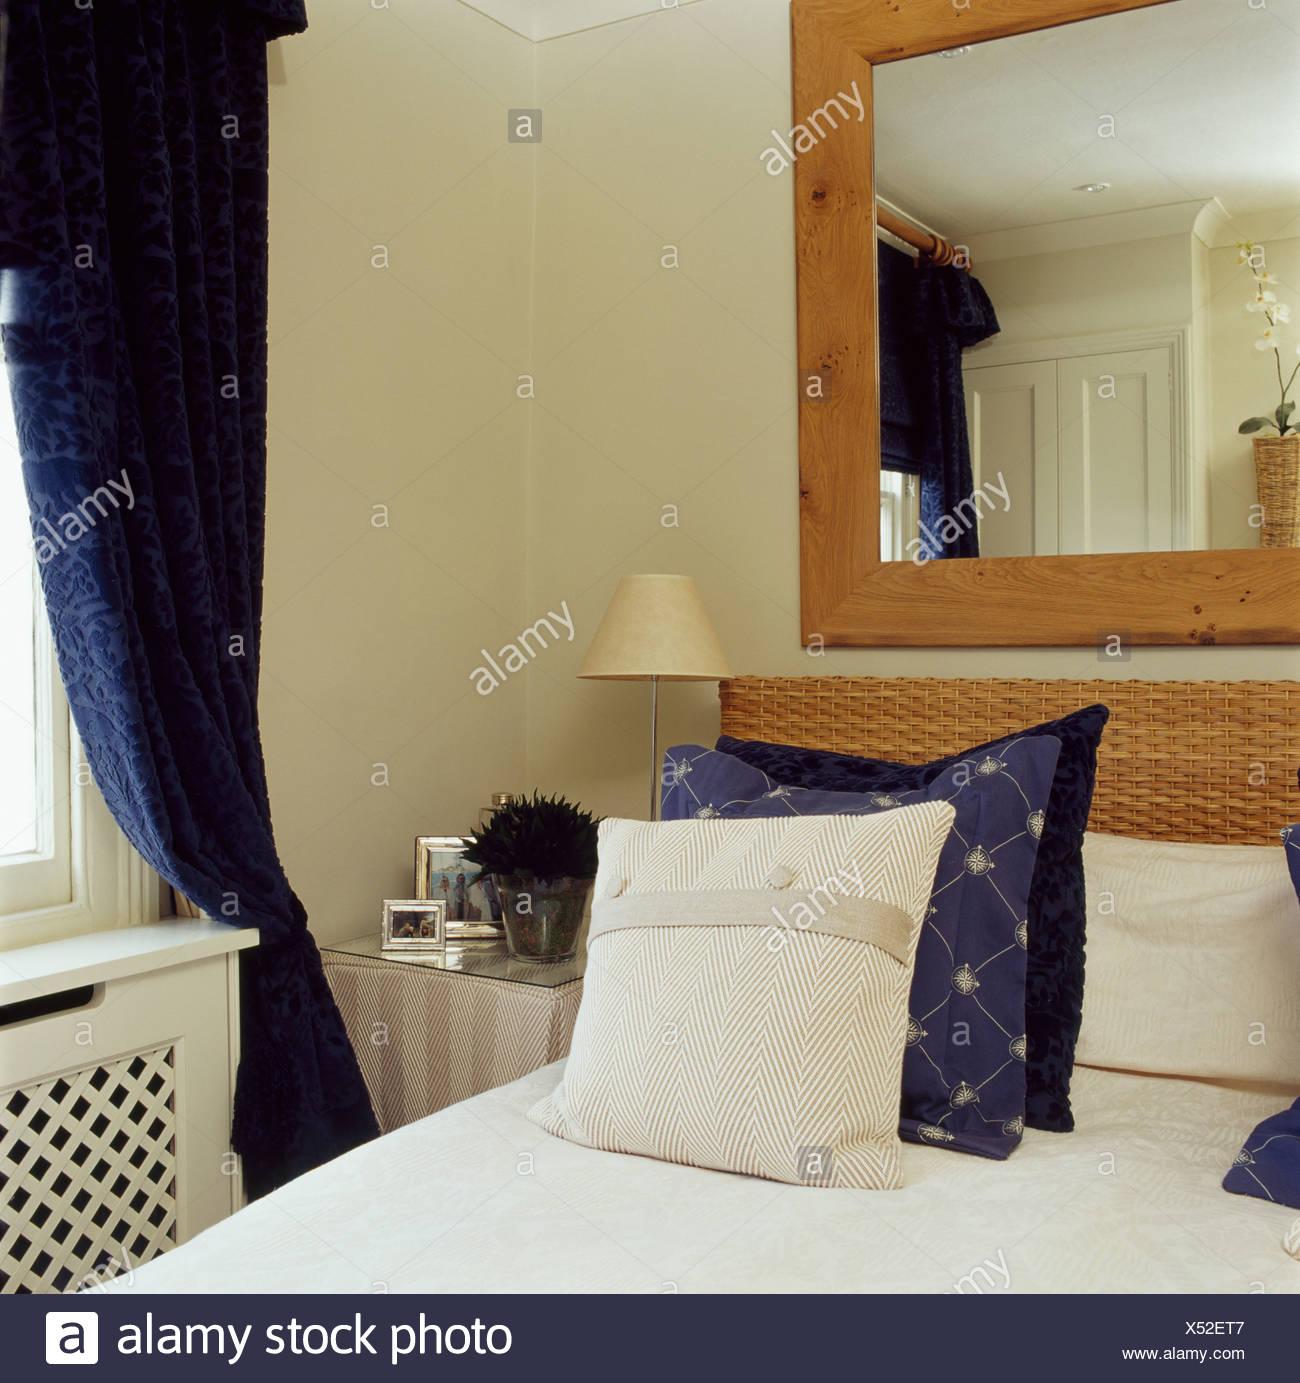 Kiefer Gerahmte Spiegel über Dem Bett Mit Dunklen Blau Creme Kissen Im  Schlafzimmer Stadthaus Mit Dunkle Blaue Vorhänge Am Fenster